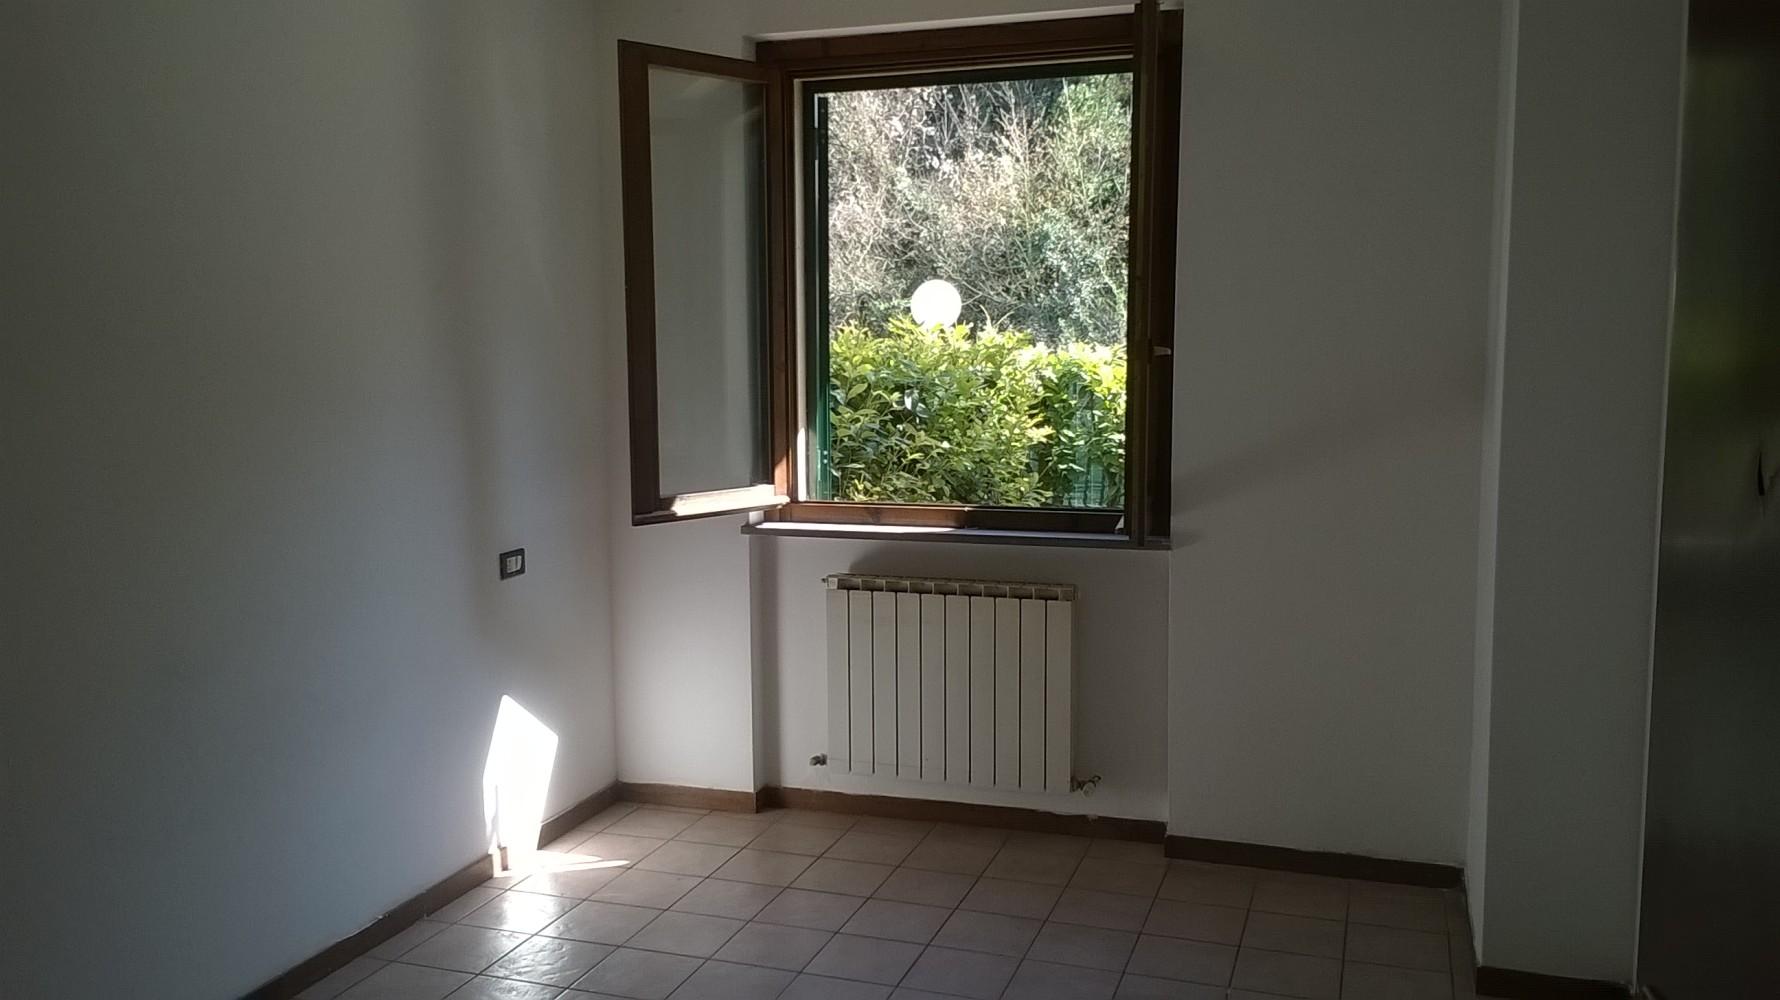 Perugia centro vicinanze appartamento con garage e for Garage prefabbricato con costo dell appartamento